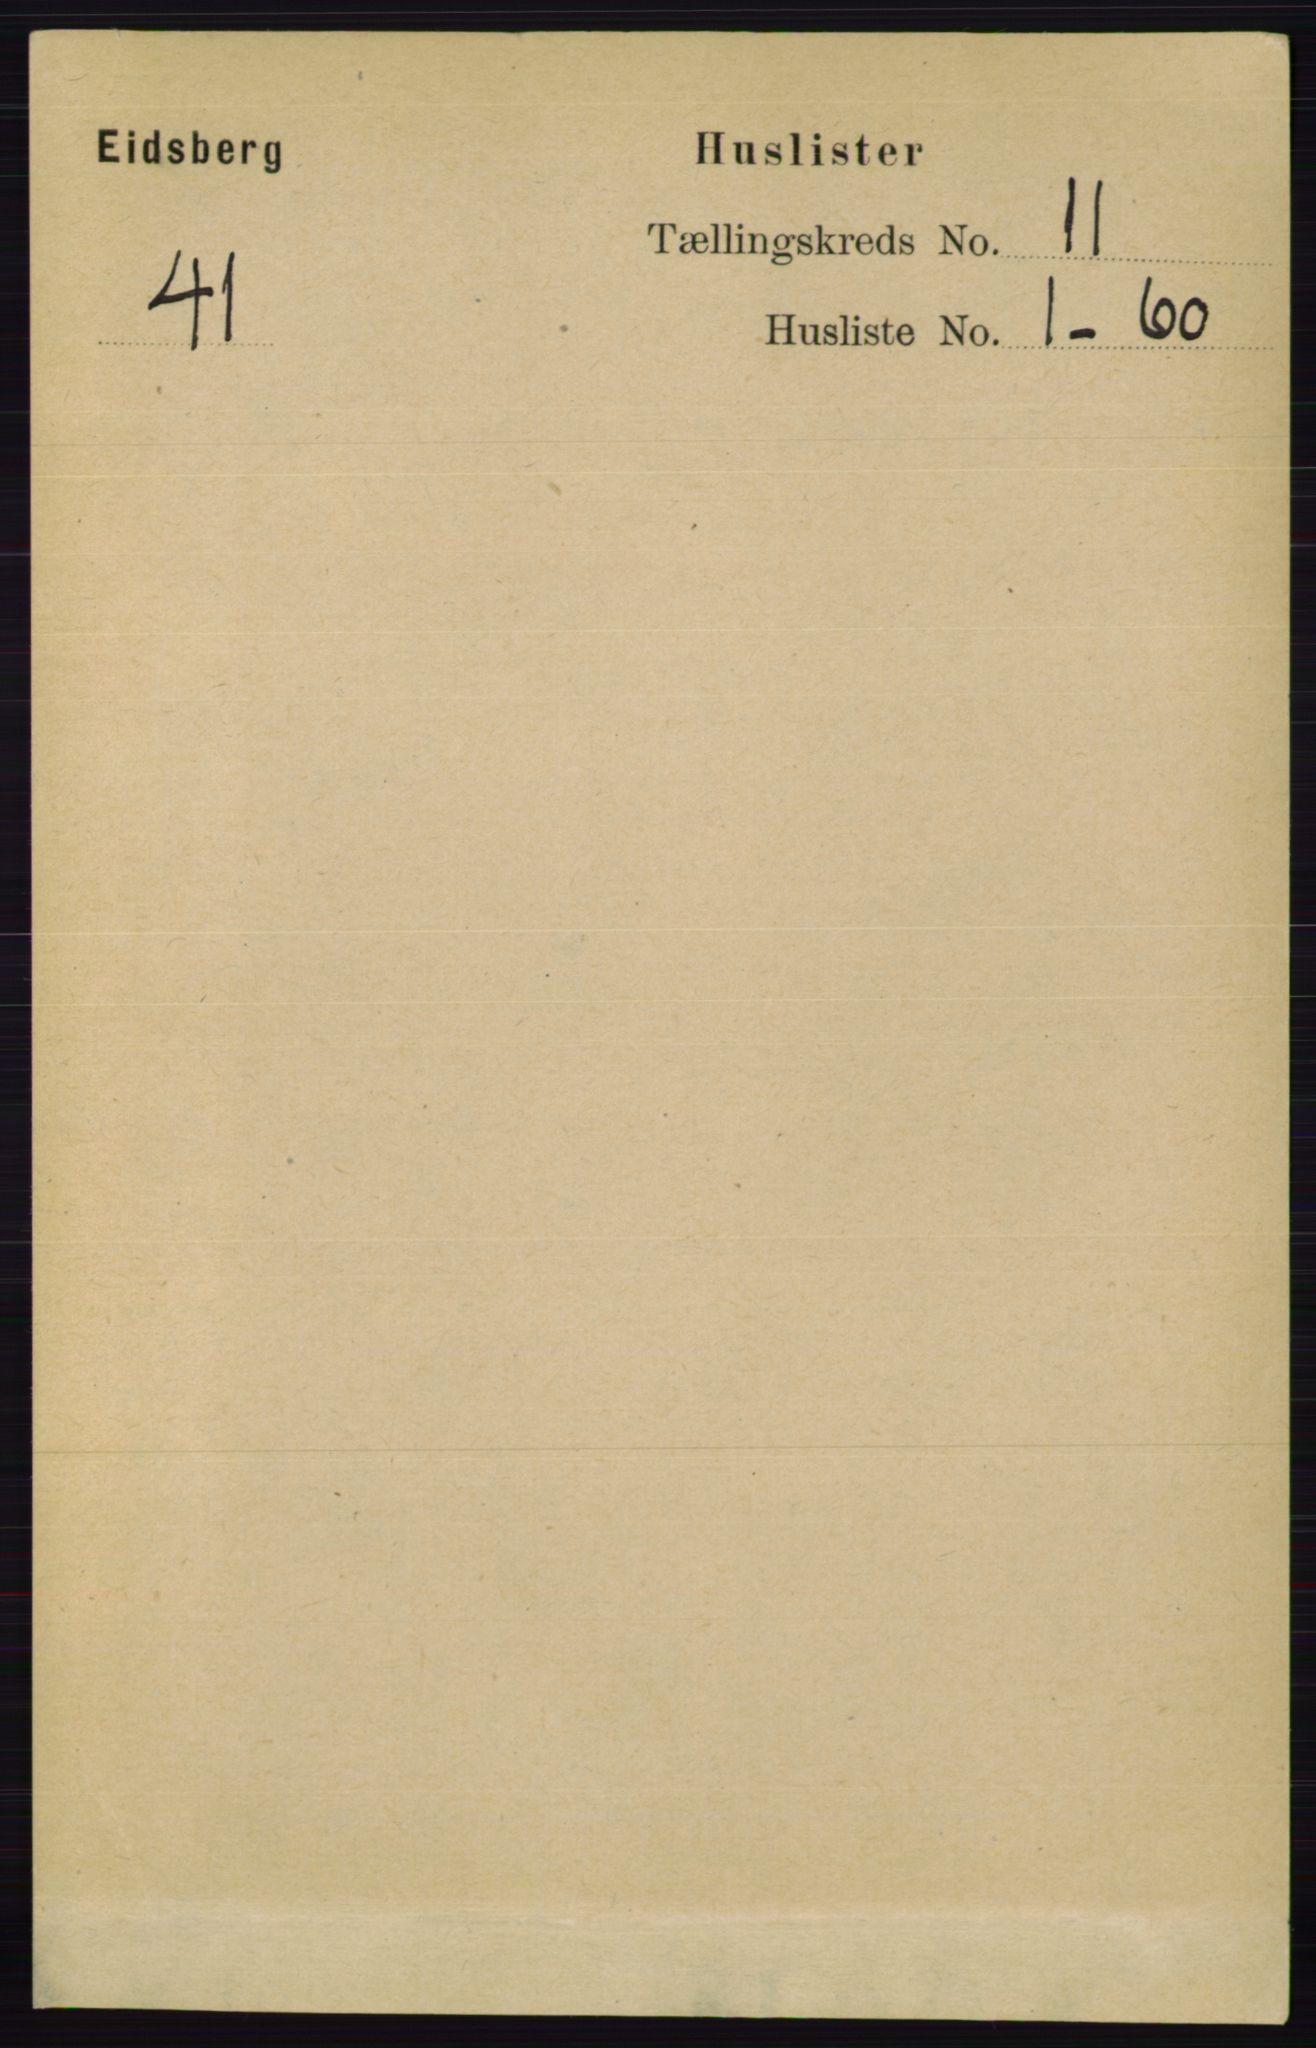 RA, Folketelling 1891 for 0125 Eidsberg herred, 1891, s. 6298